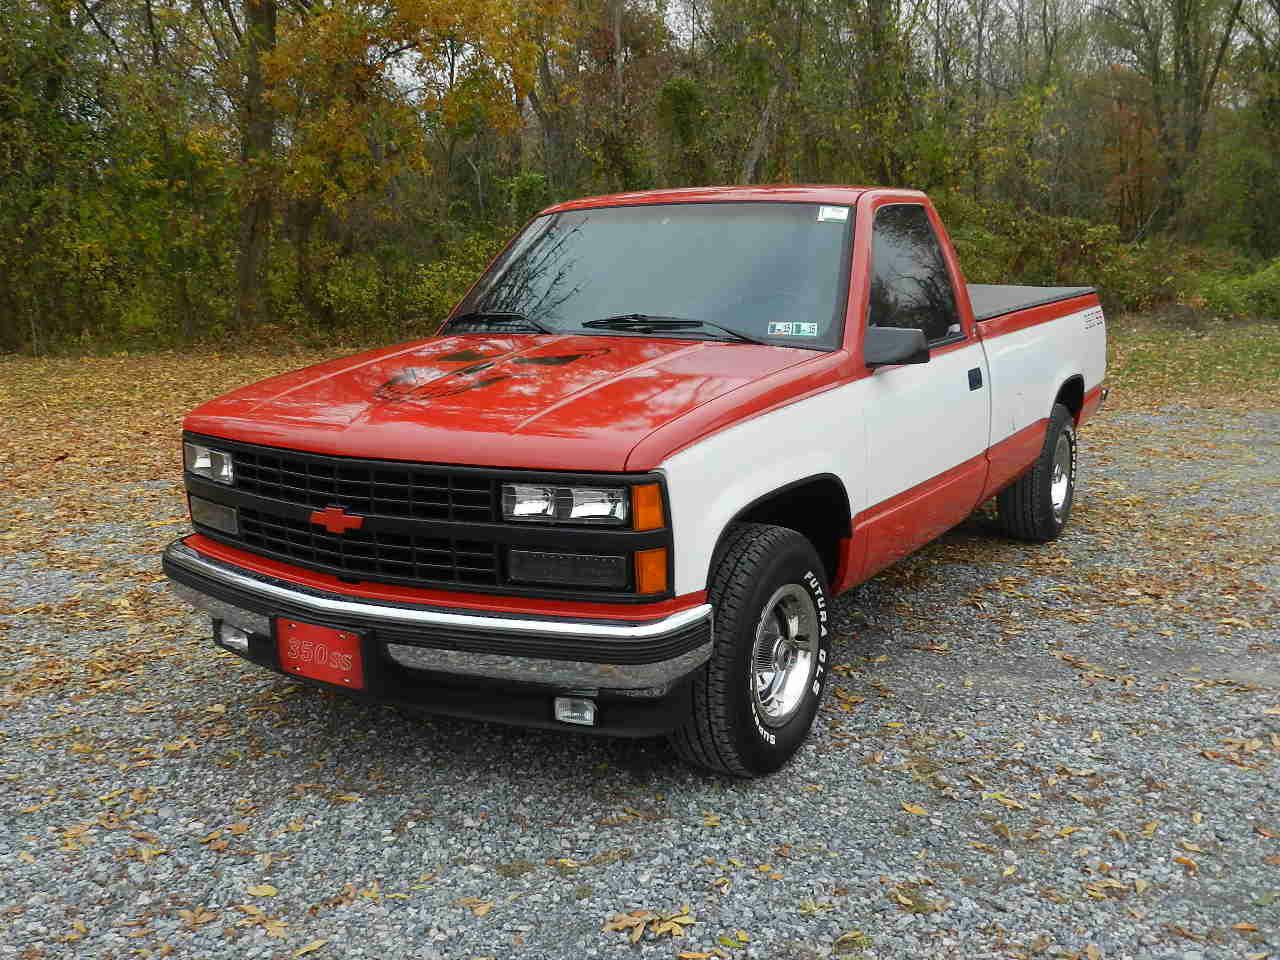 1992 chevrolet silverado c1500 pickup truck - ss350 - classic